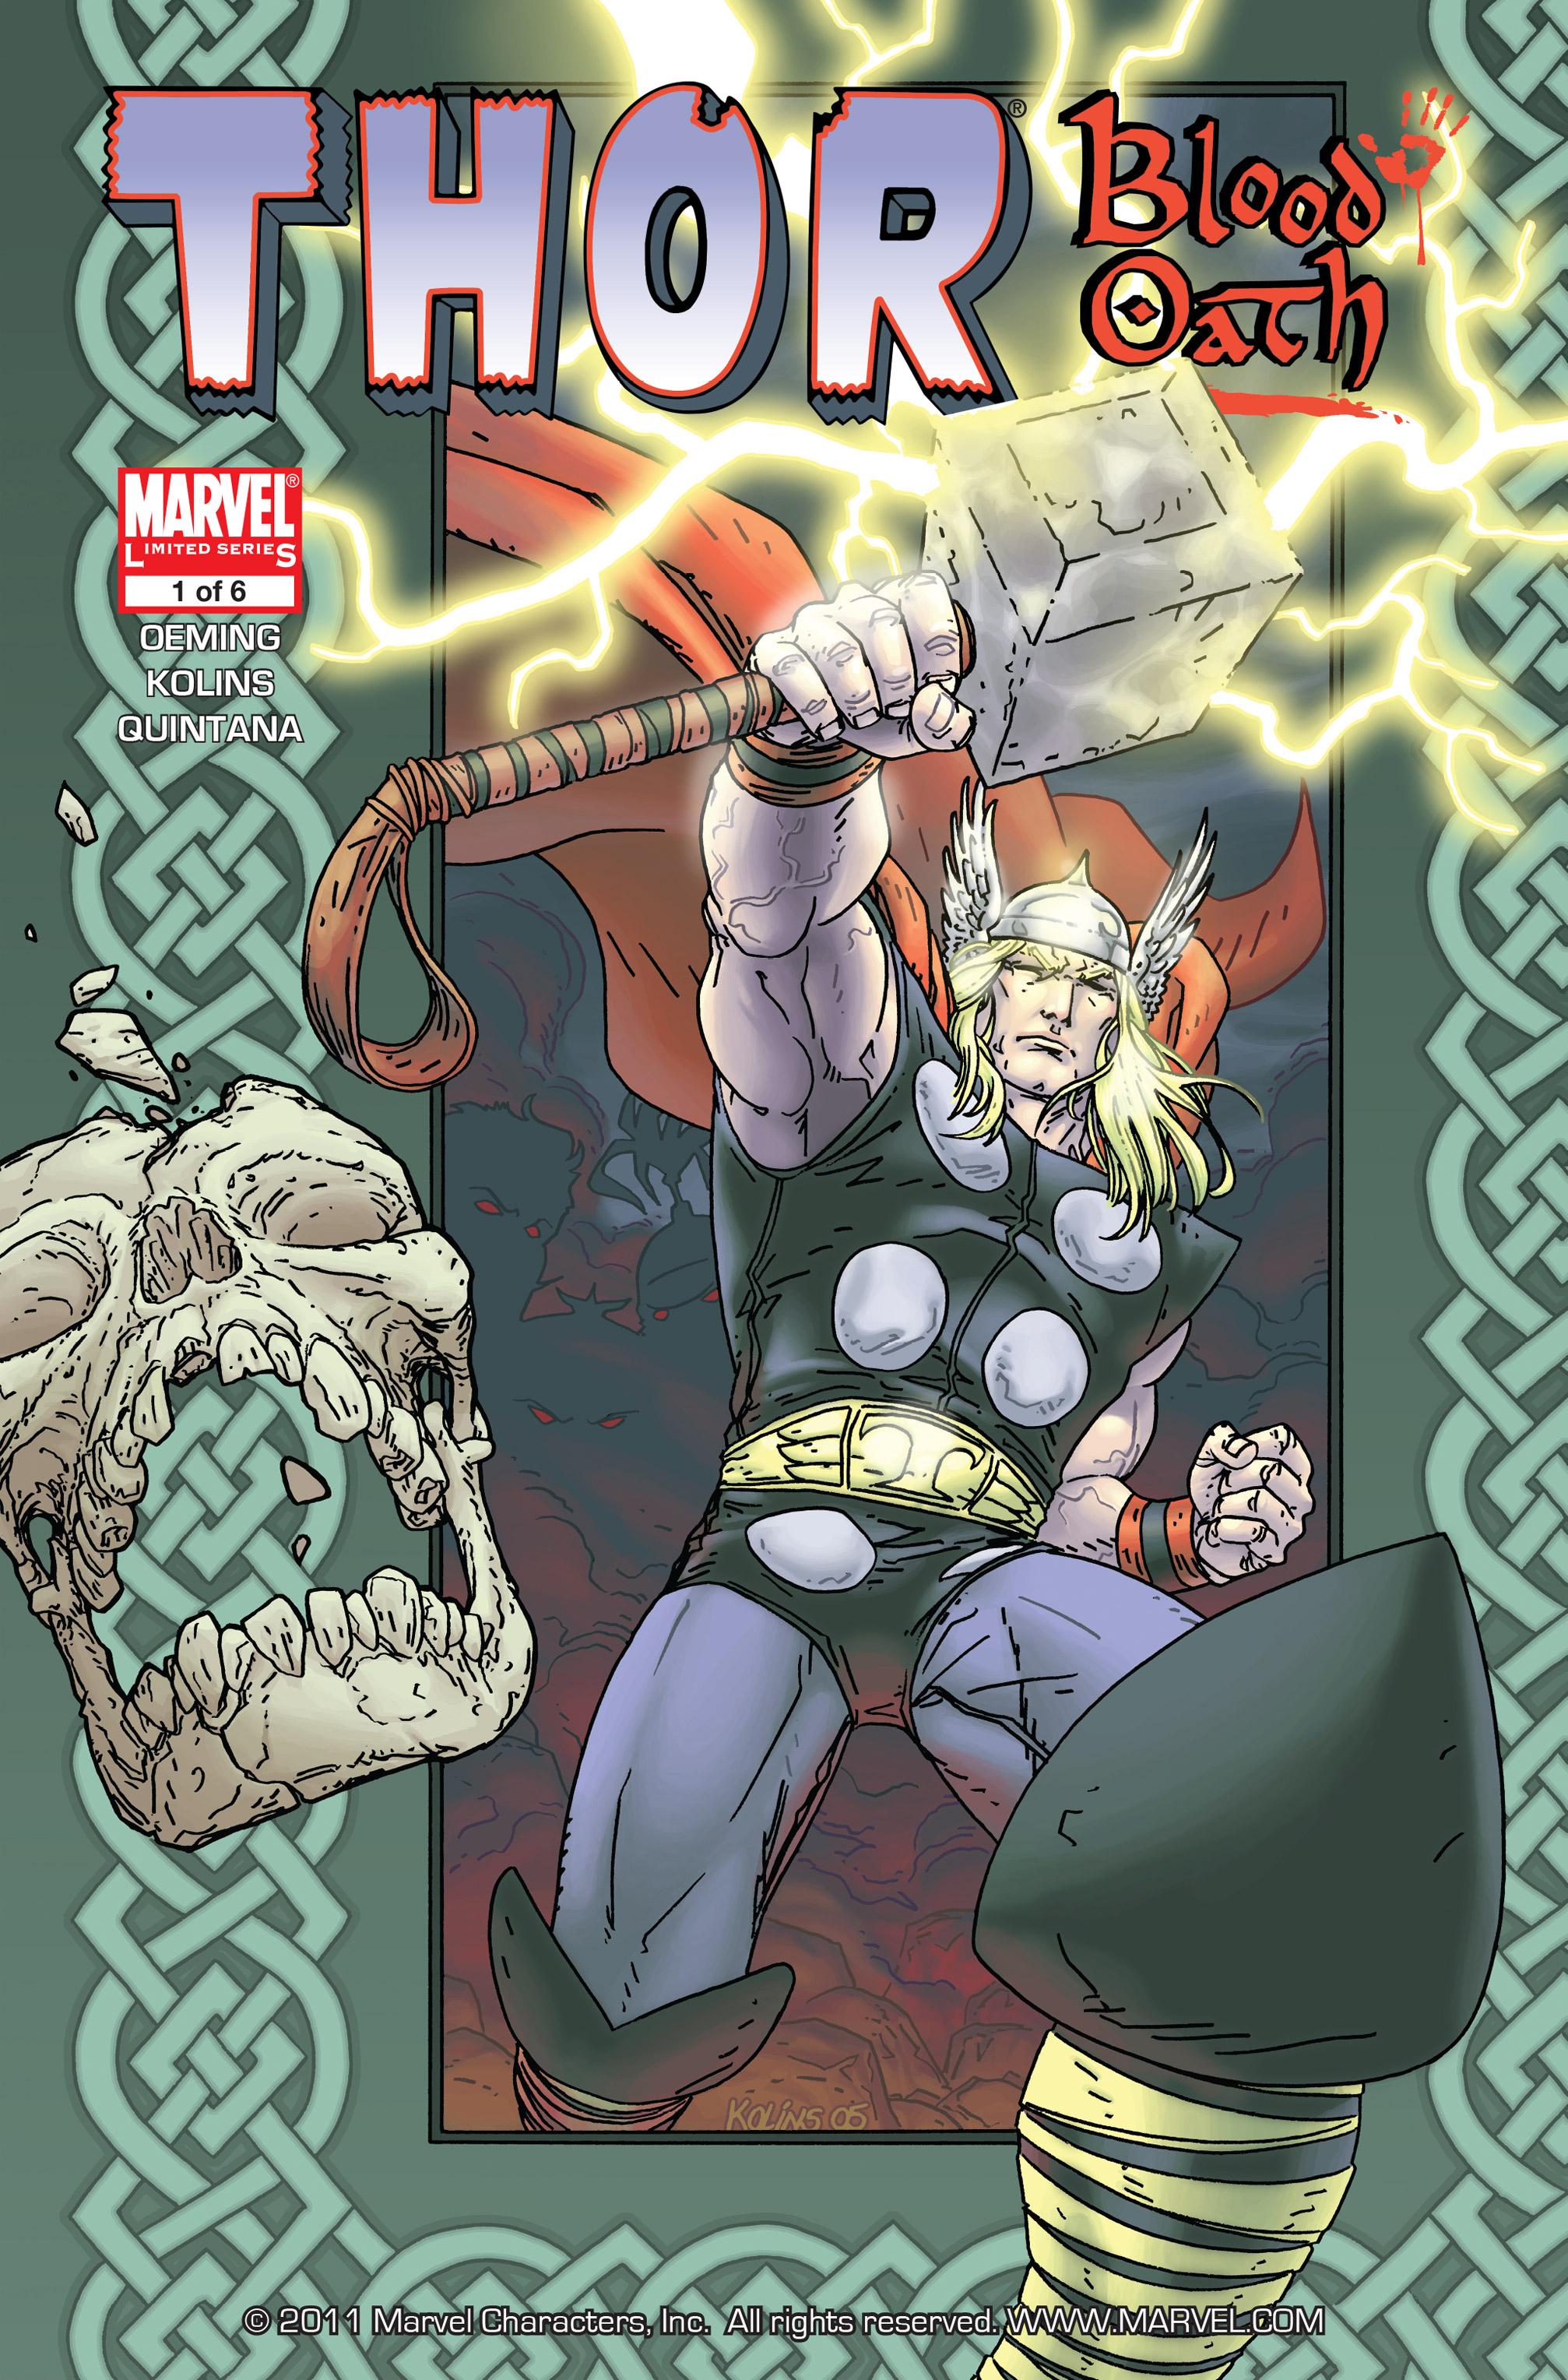 Thor Blood Oath Vol 1 1